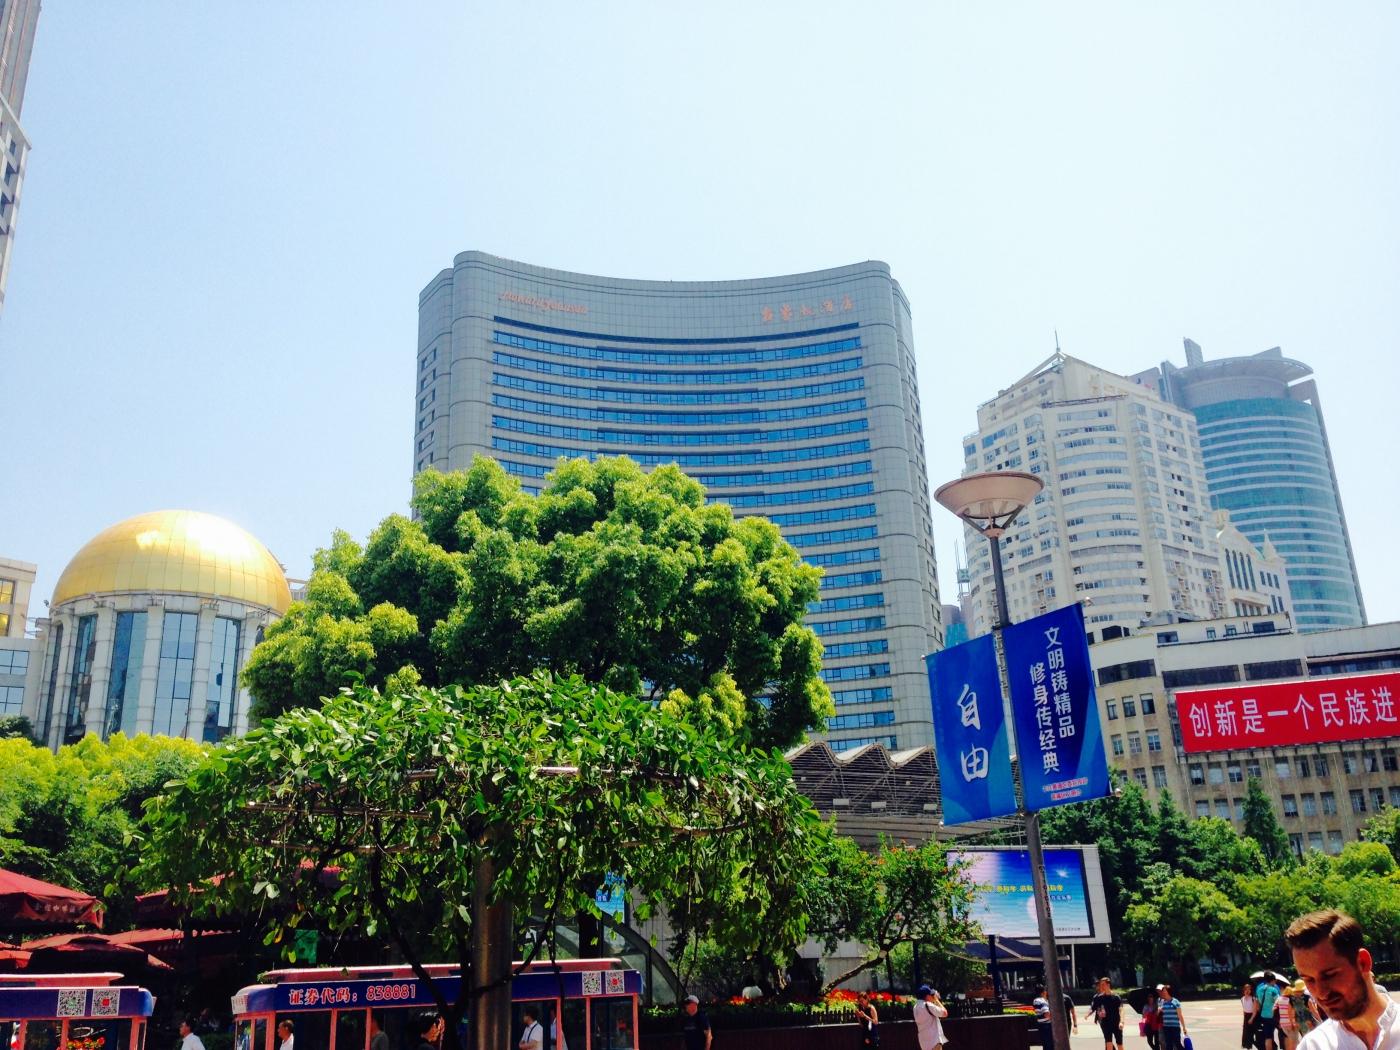 闲逛上海看街景_图1-4